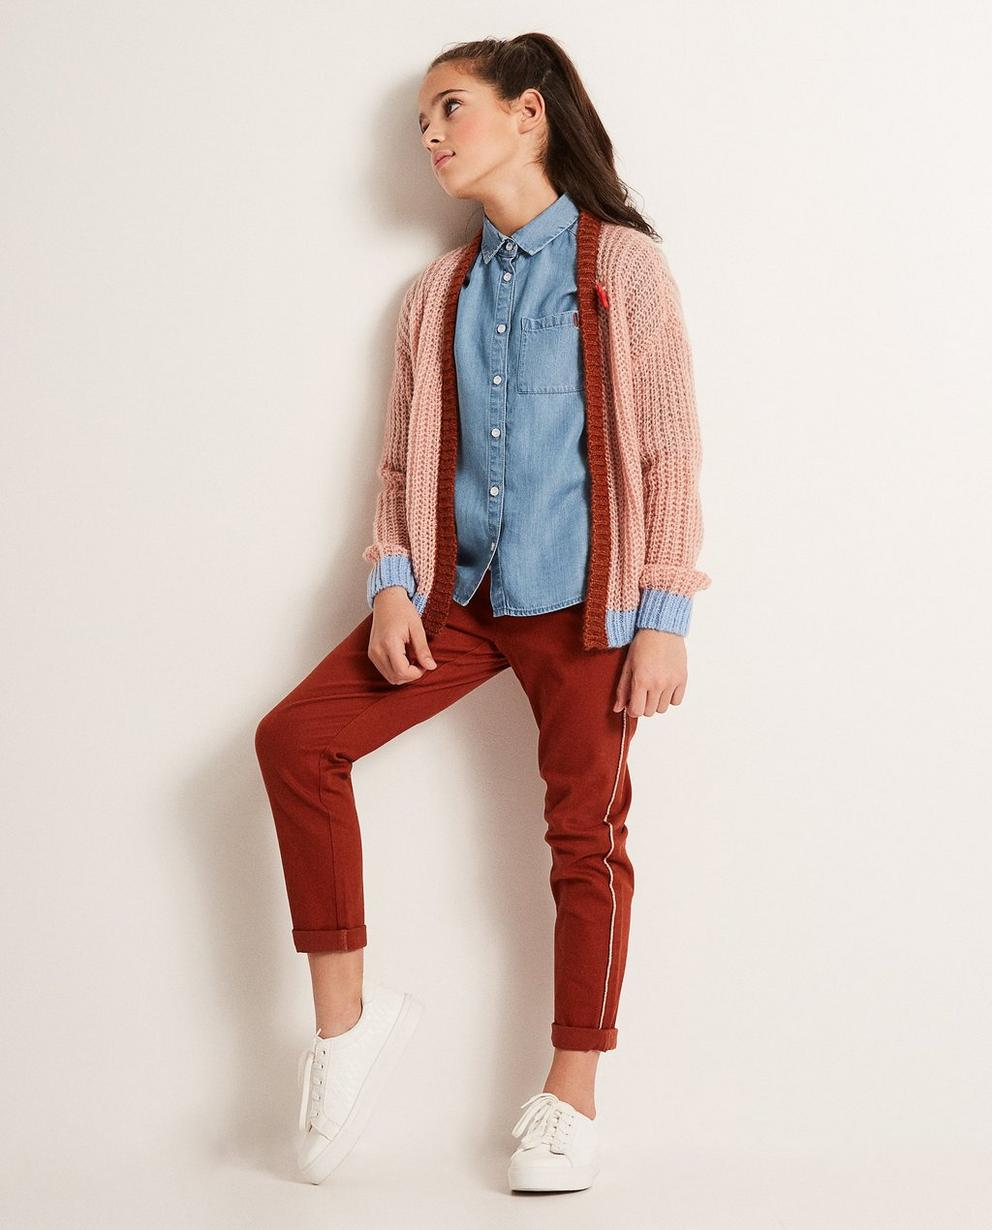 Jacke aus einer luxuriösen Wollmischung - Ketnet - Ketnet